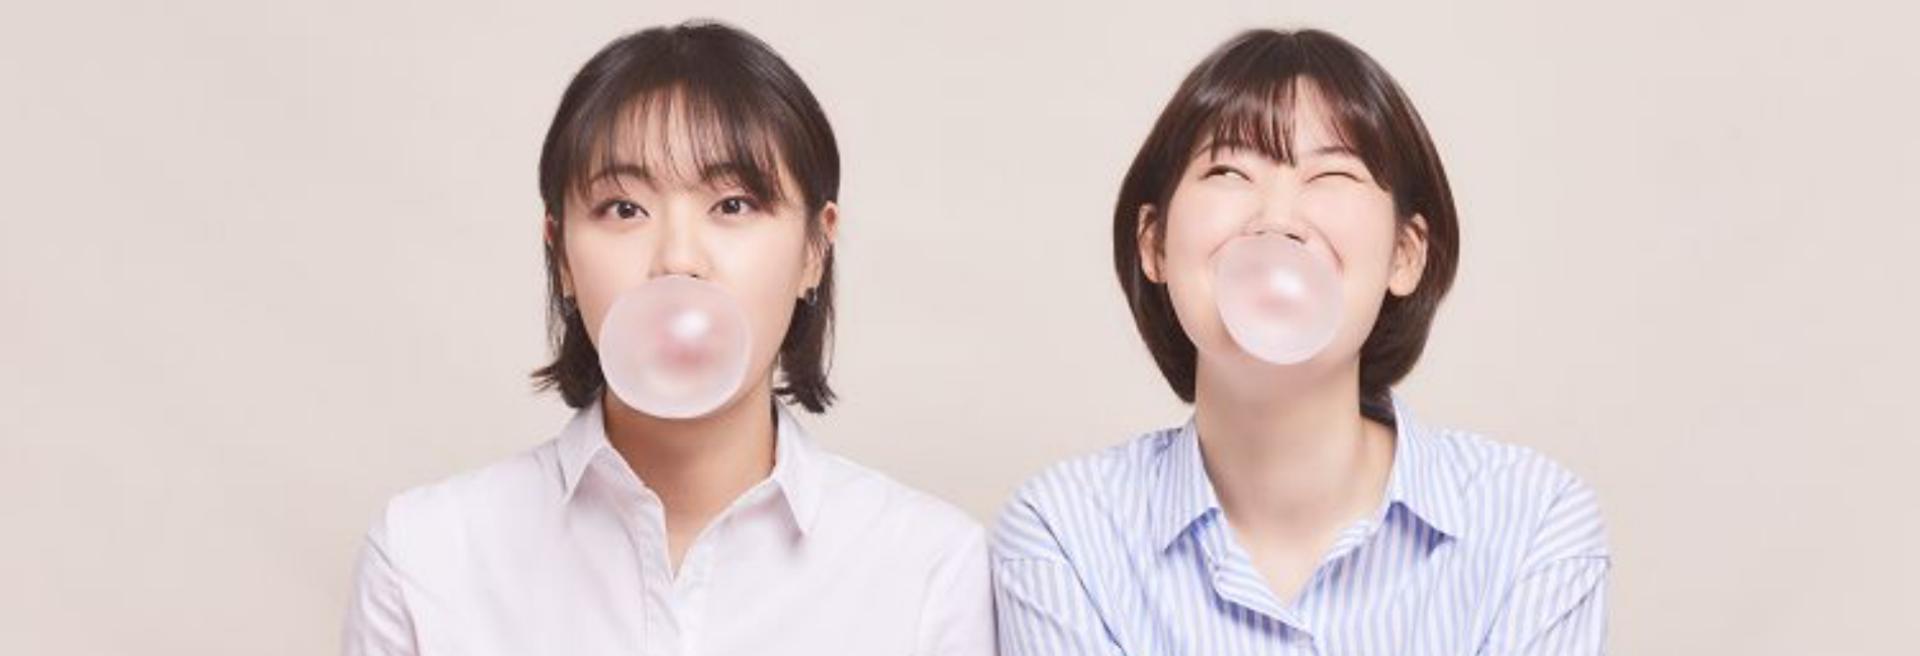 首爾北村自助拍照| Cheese Smile Studio 自助照相館+服裝租借體驗